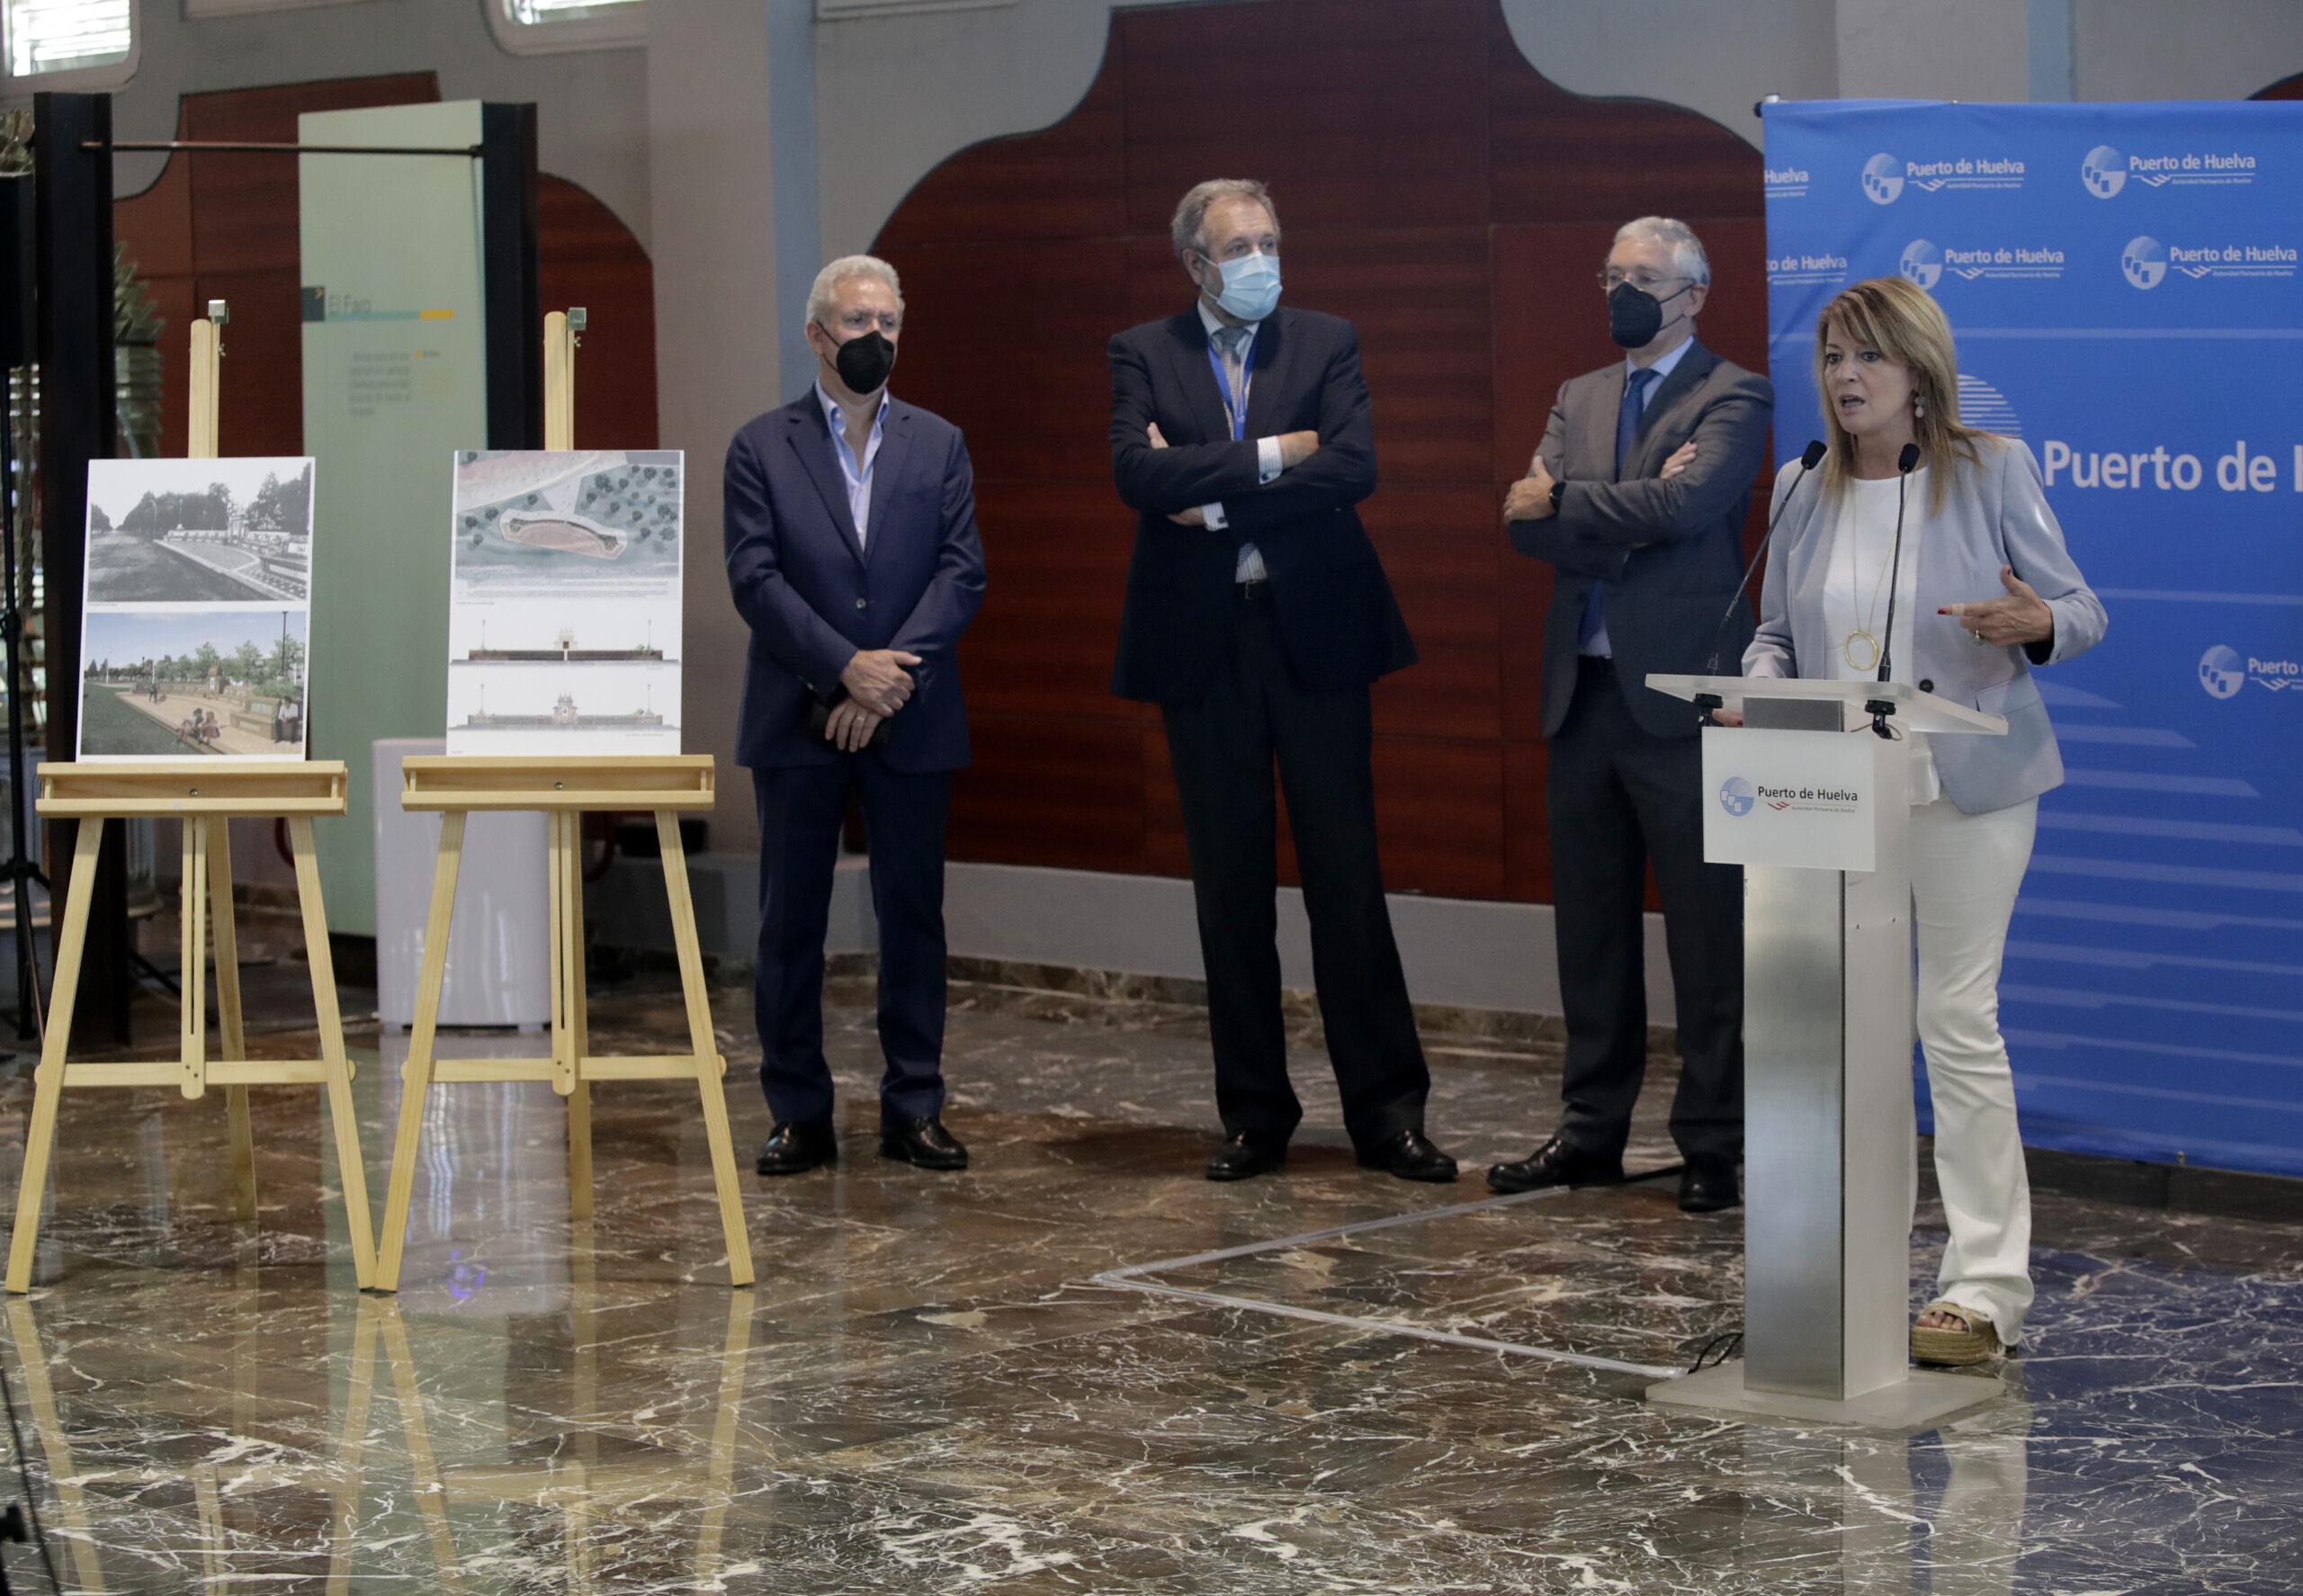 La Autoridad Portuaria de Huelva iniciará este mes las obras de la Fuente de las Naciones en el Paseo de la Ría